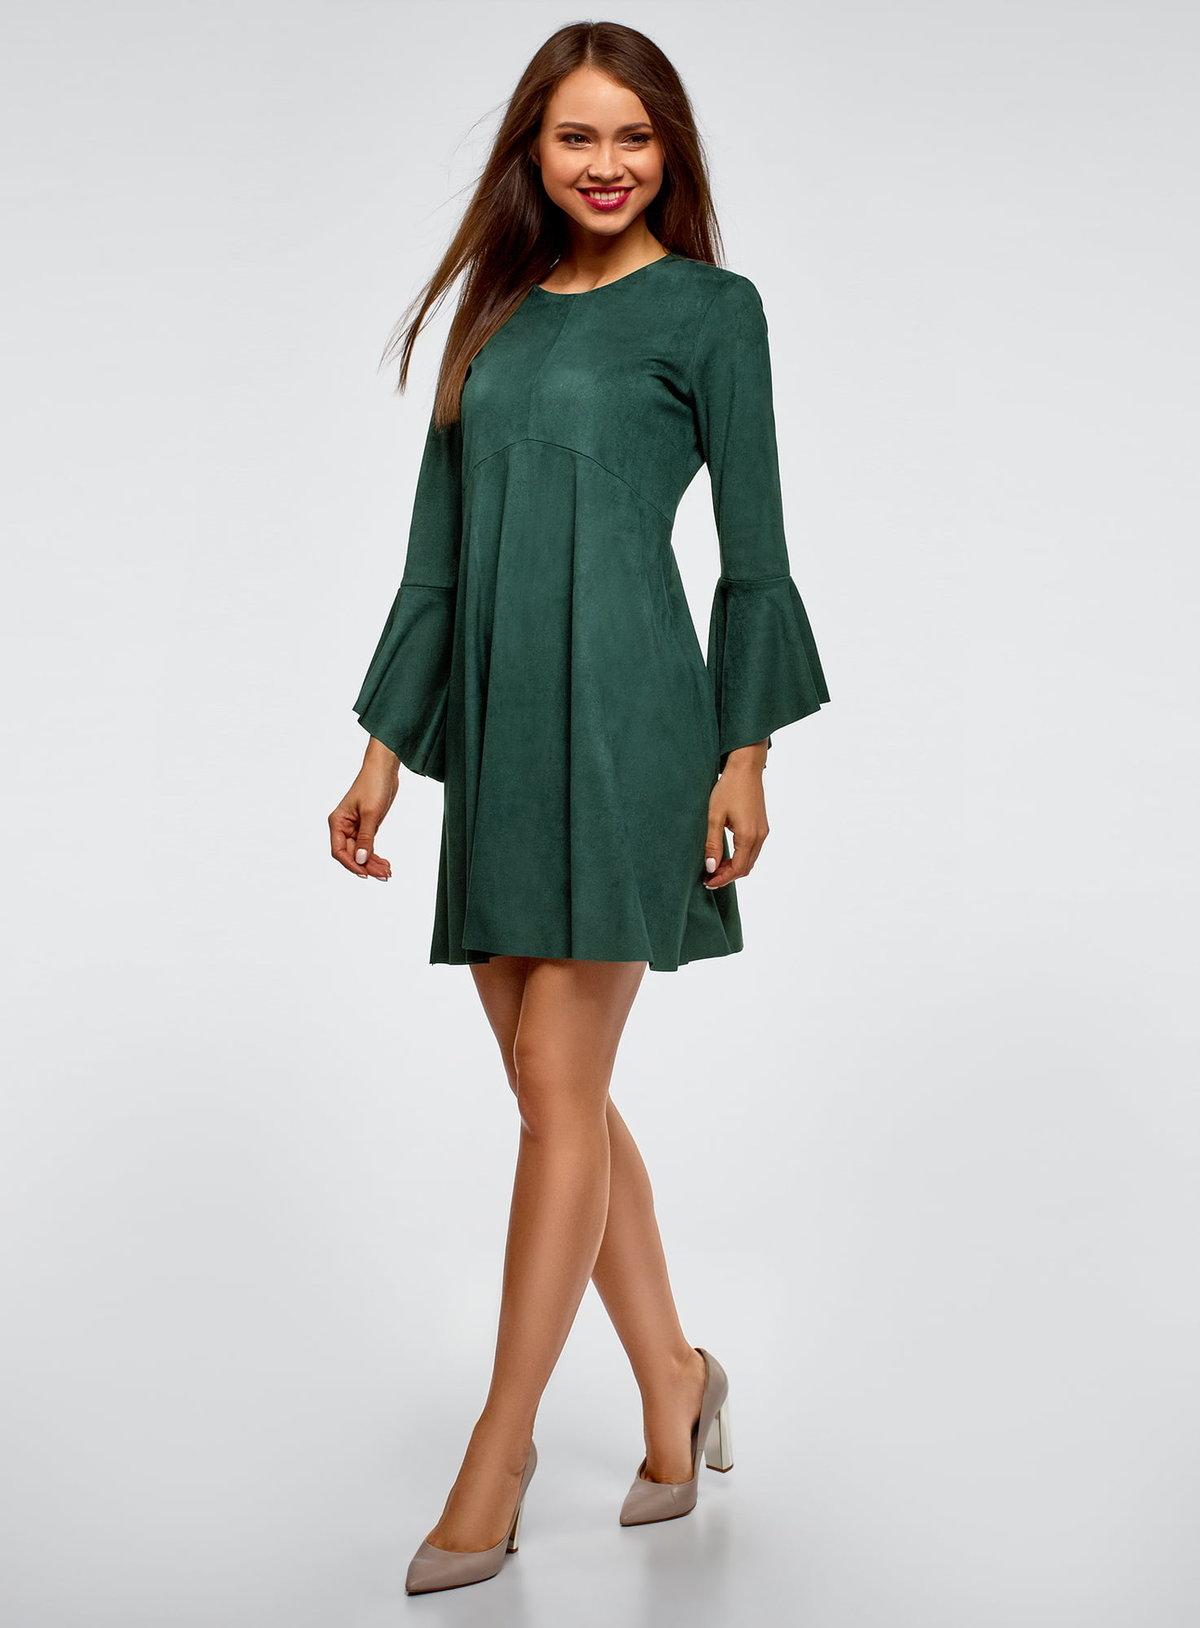 платье с длинным рукавом зеленое фото